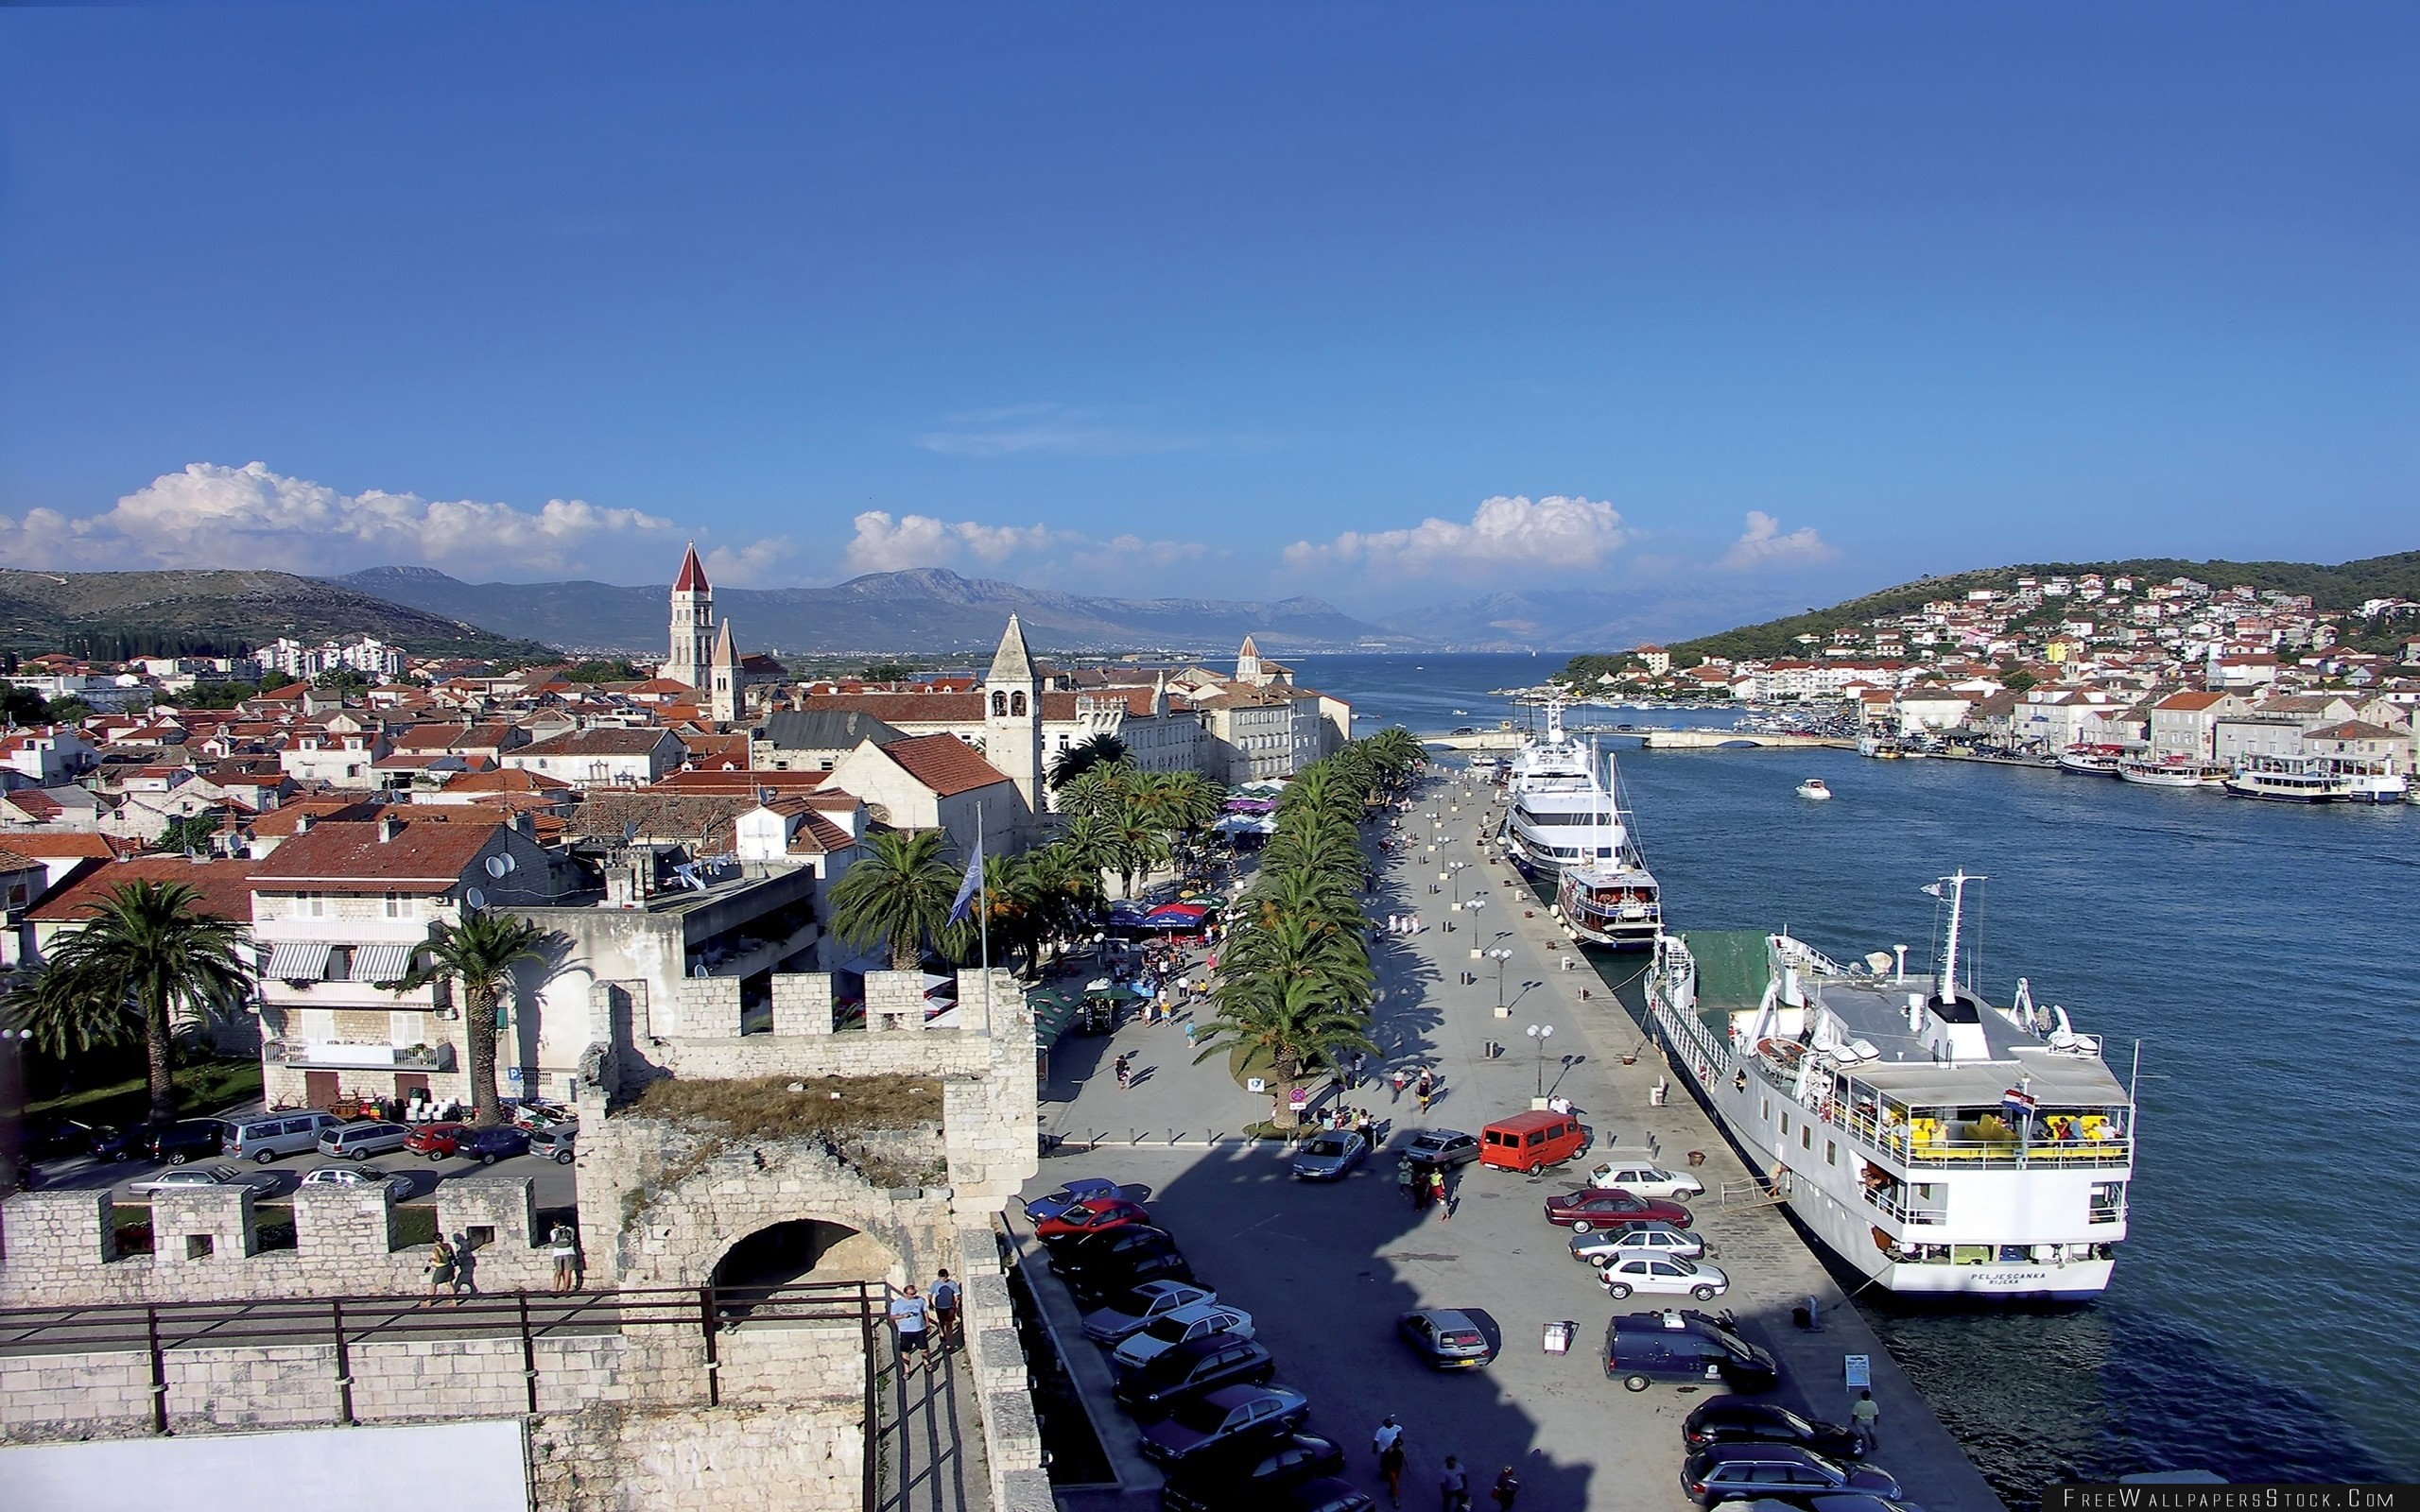 Download Free Wallpaper Trogir Croatia Dock Boat Sea Sky Nature People